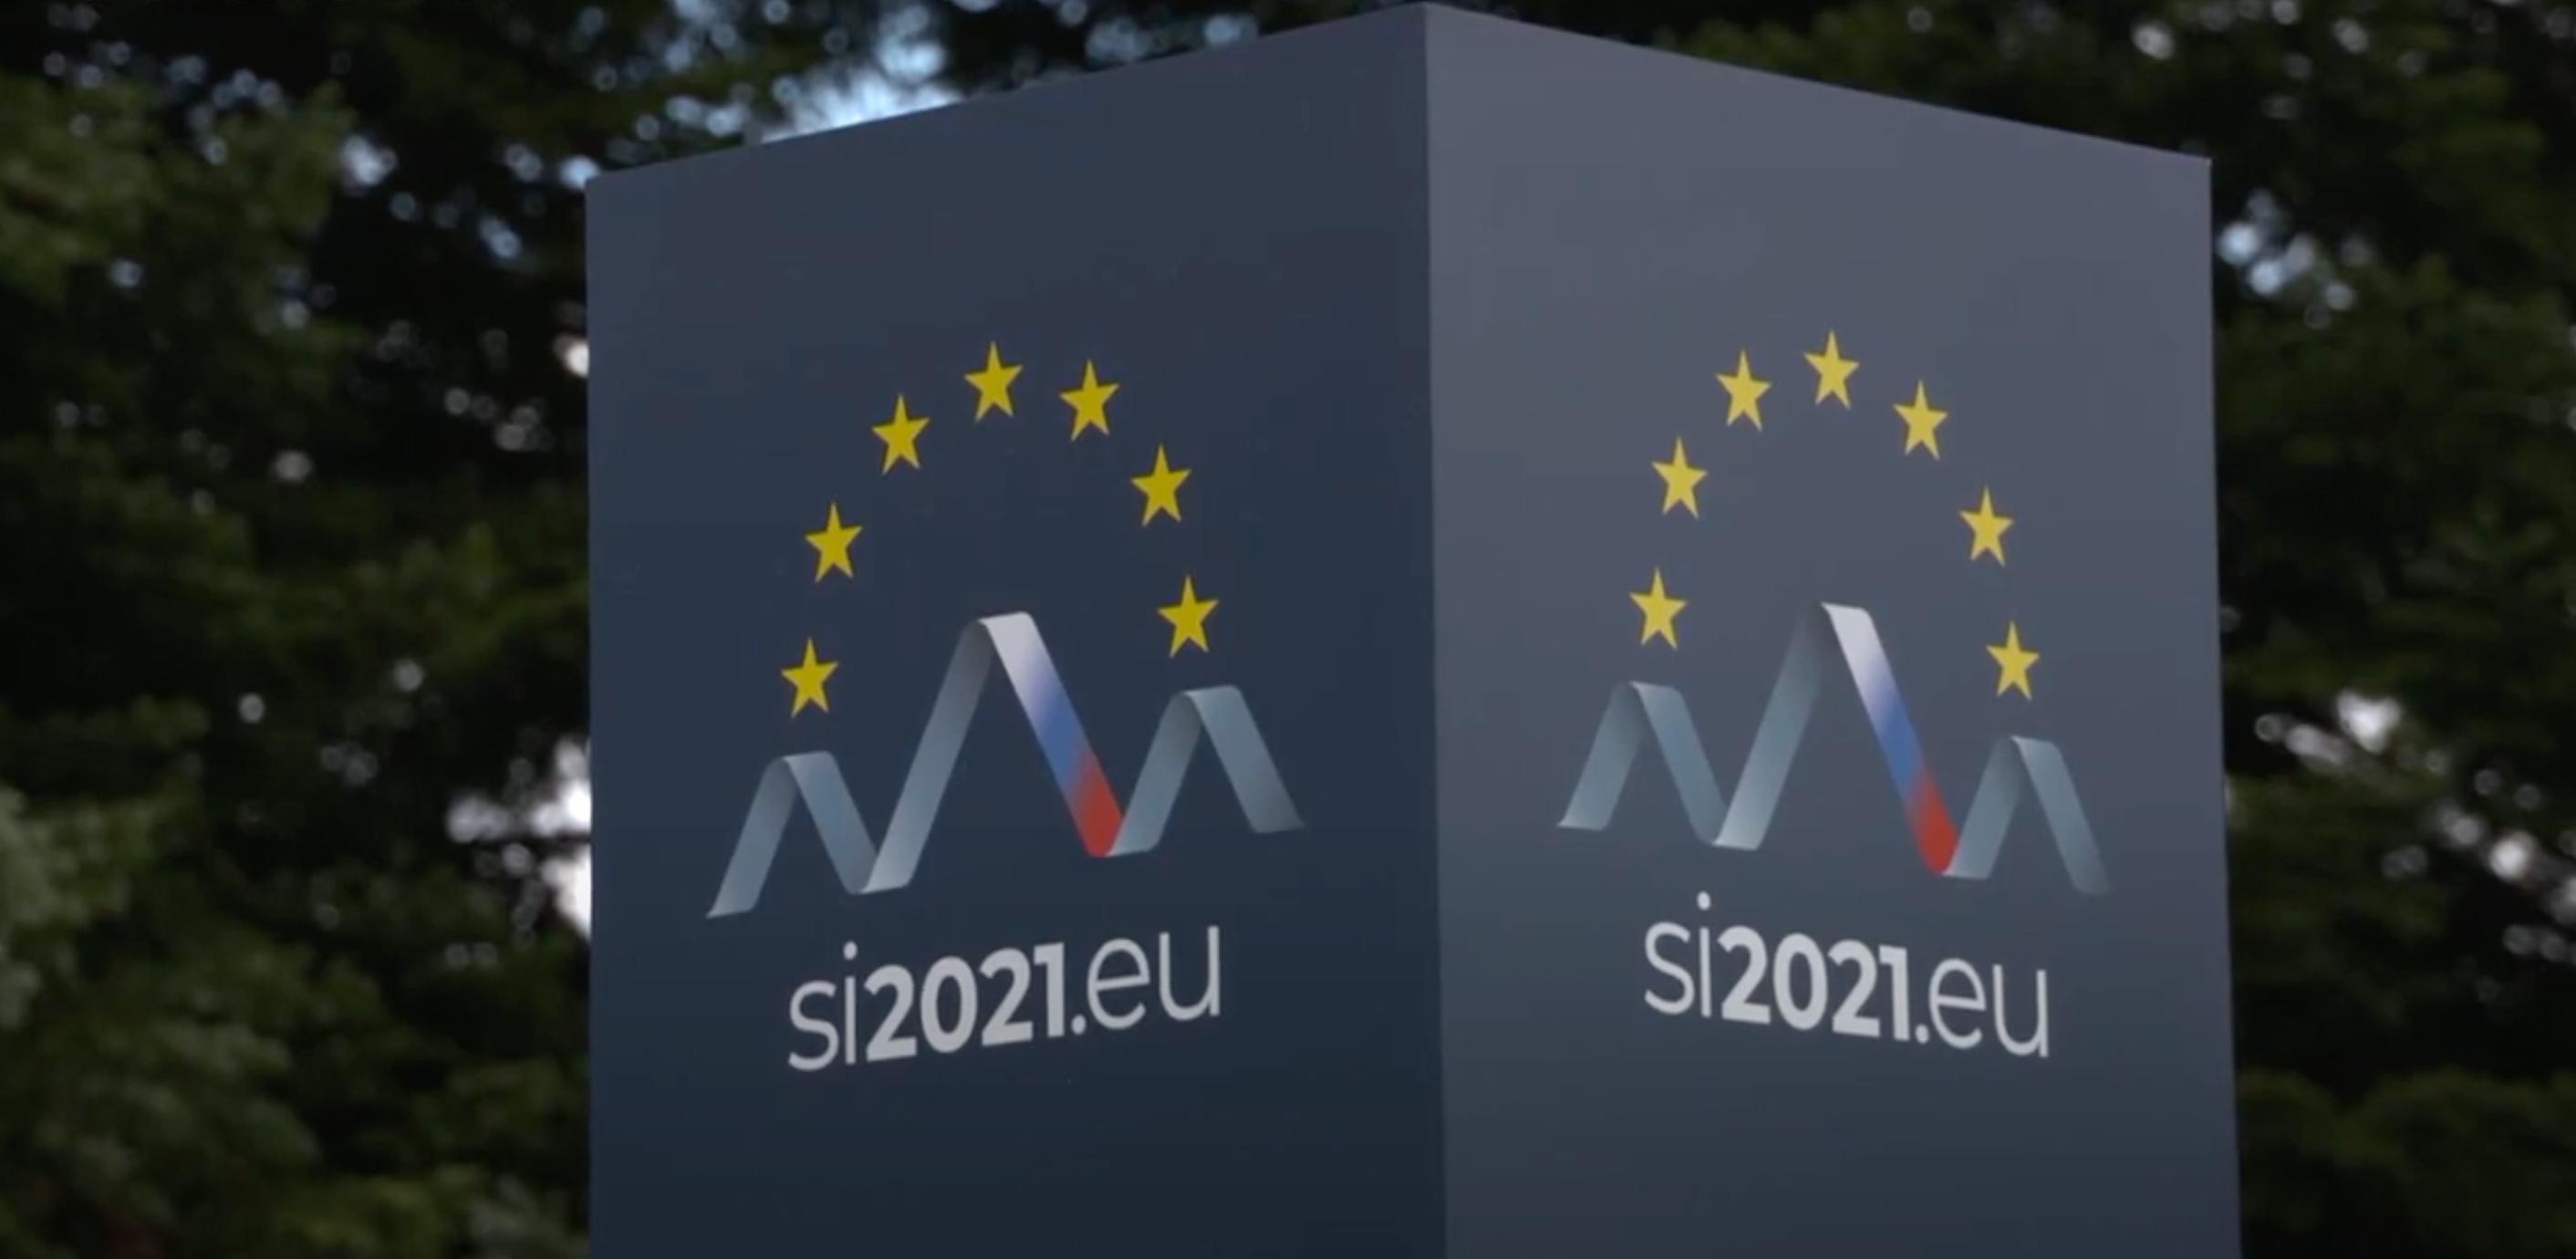 La Slovénie va prendre la présidence de l'Union européenne pour six mois